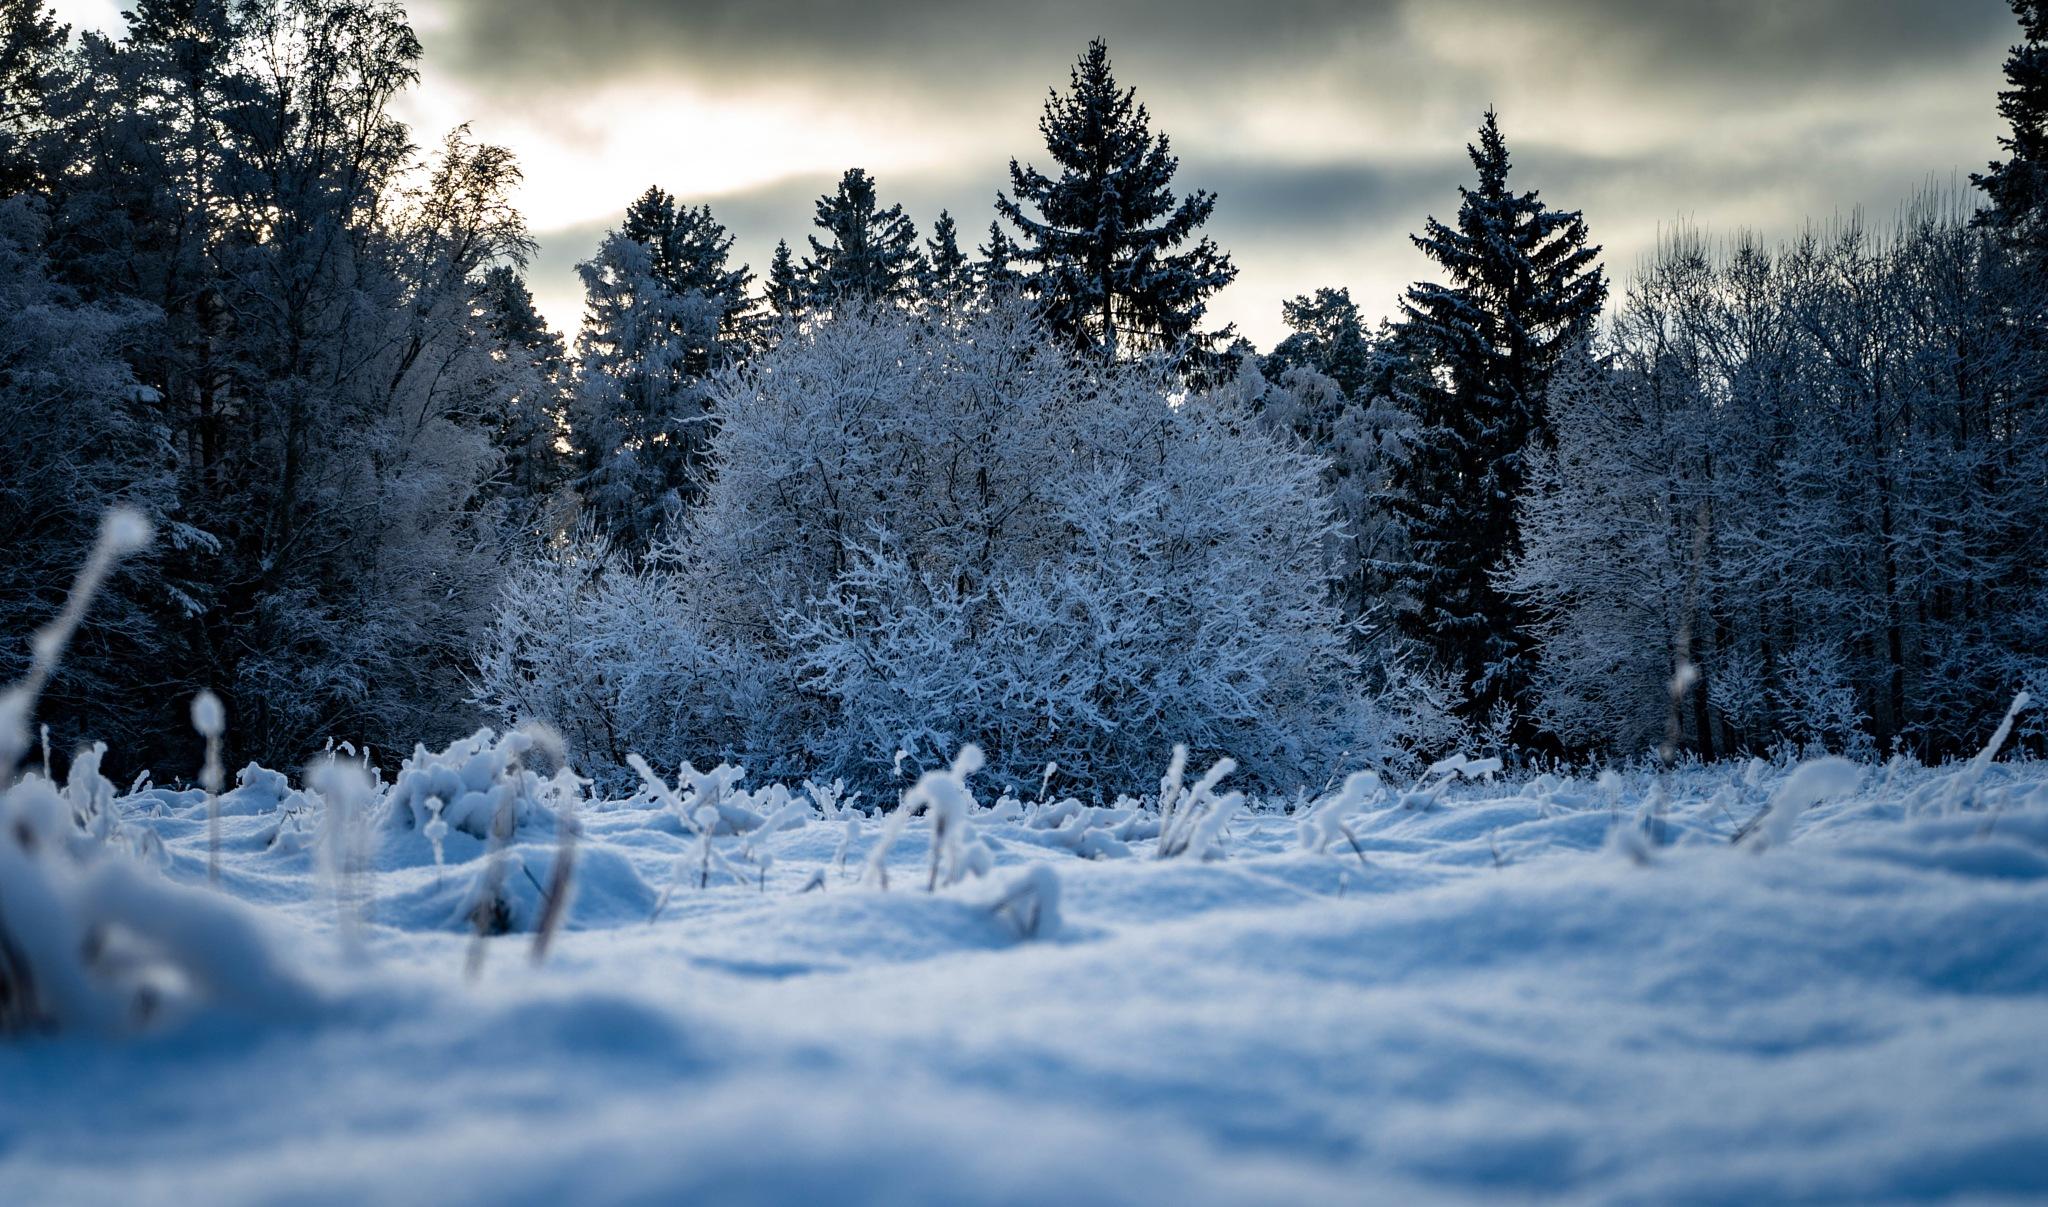 Winter in sweden by gustavjonson